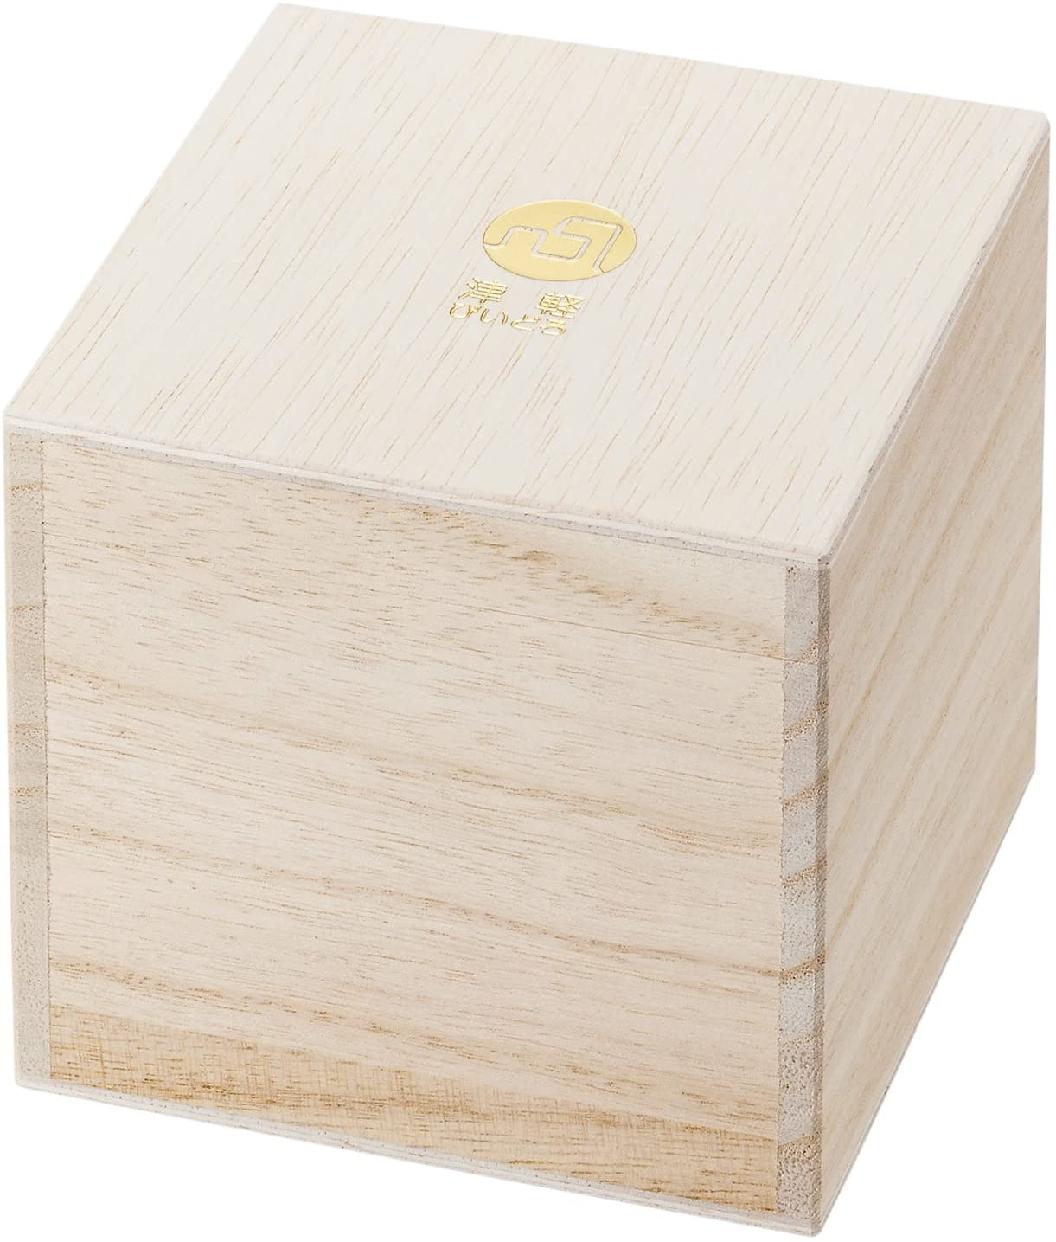 津軽びいどろ(ツガルビイドロ) 金彩ロックグラス 碧 300ml F71467の商品画像3